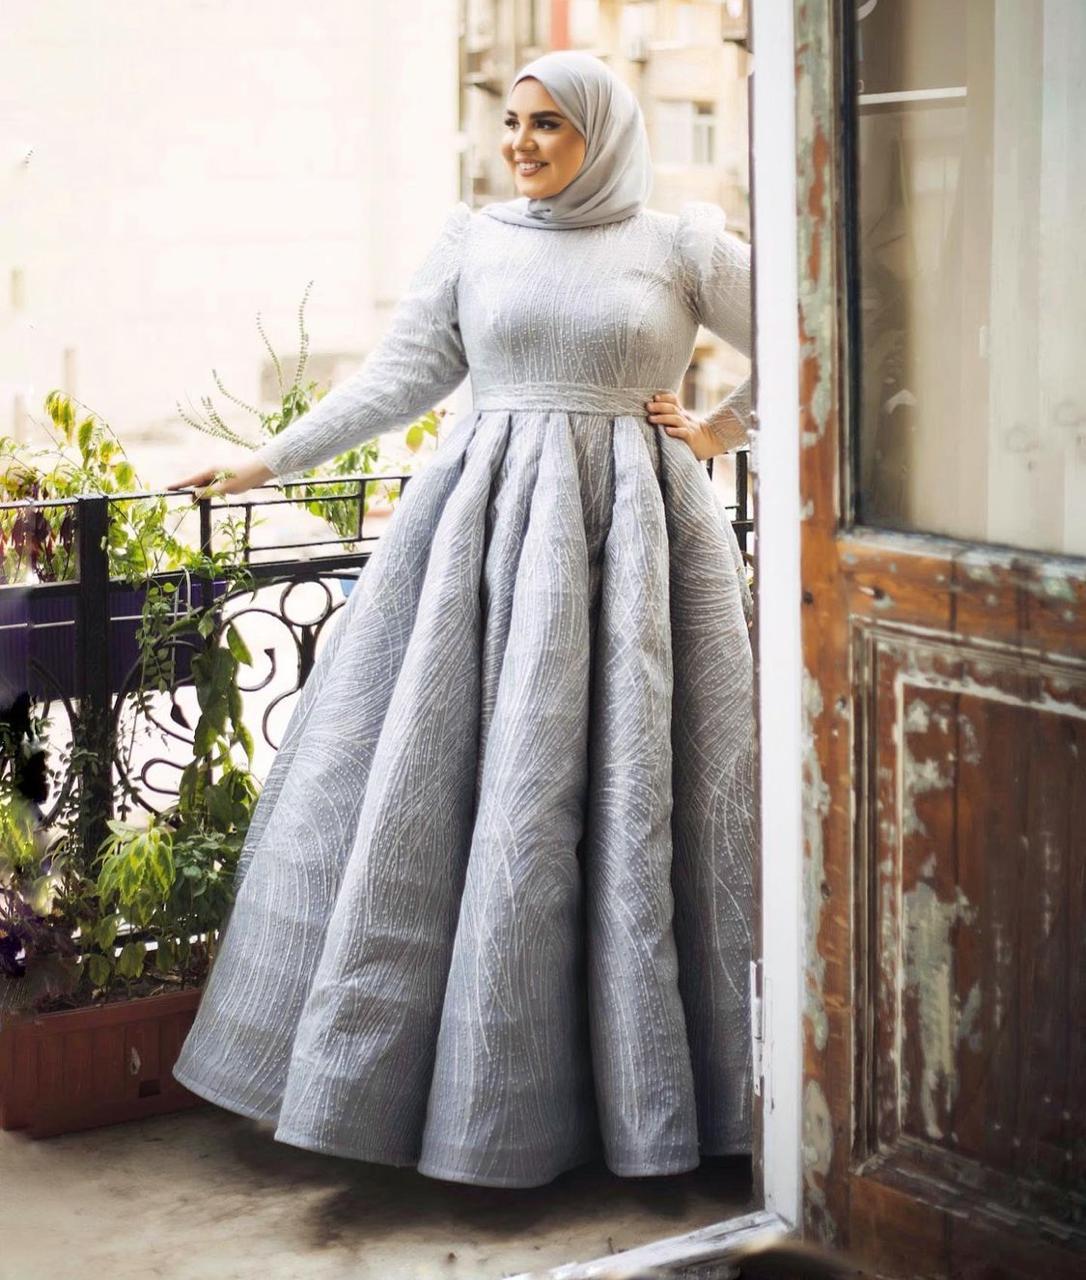 ياسمين وجدي بفستان سهرة منفوش -الصورة من حسابها على الانستغرام